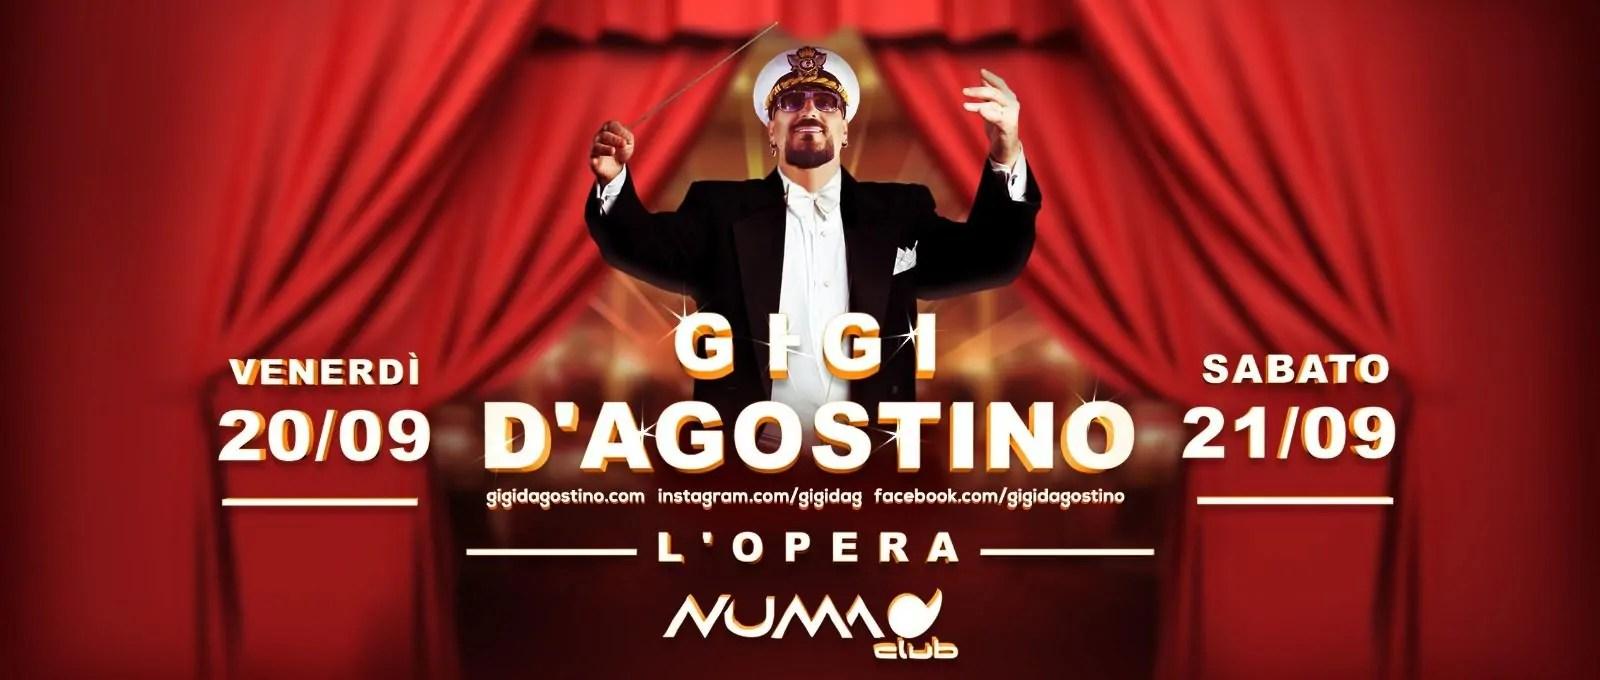 GIGI D'AGOSTINO NUMA CLUB BOLOGNA 20 21 SETTEMBRE 2019